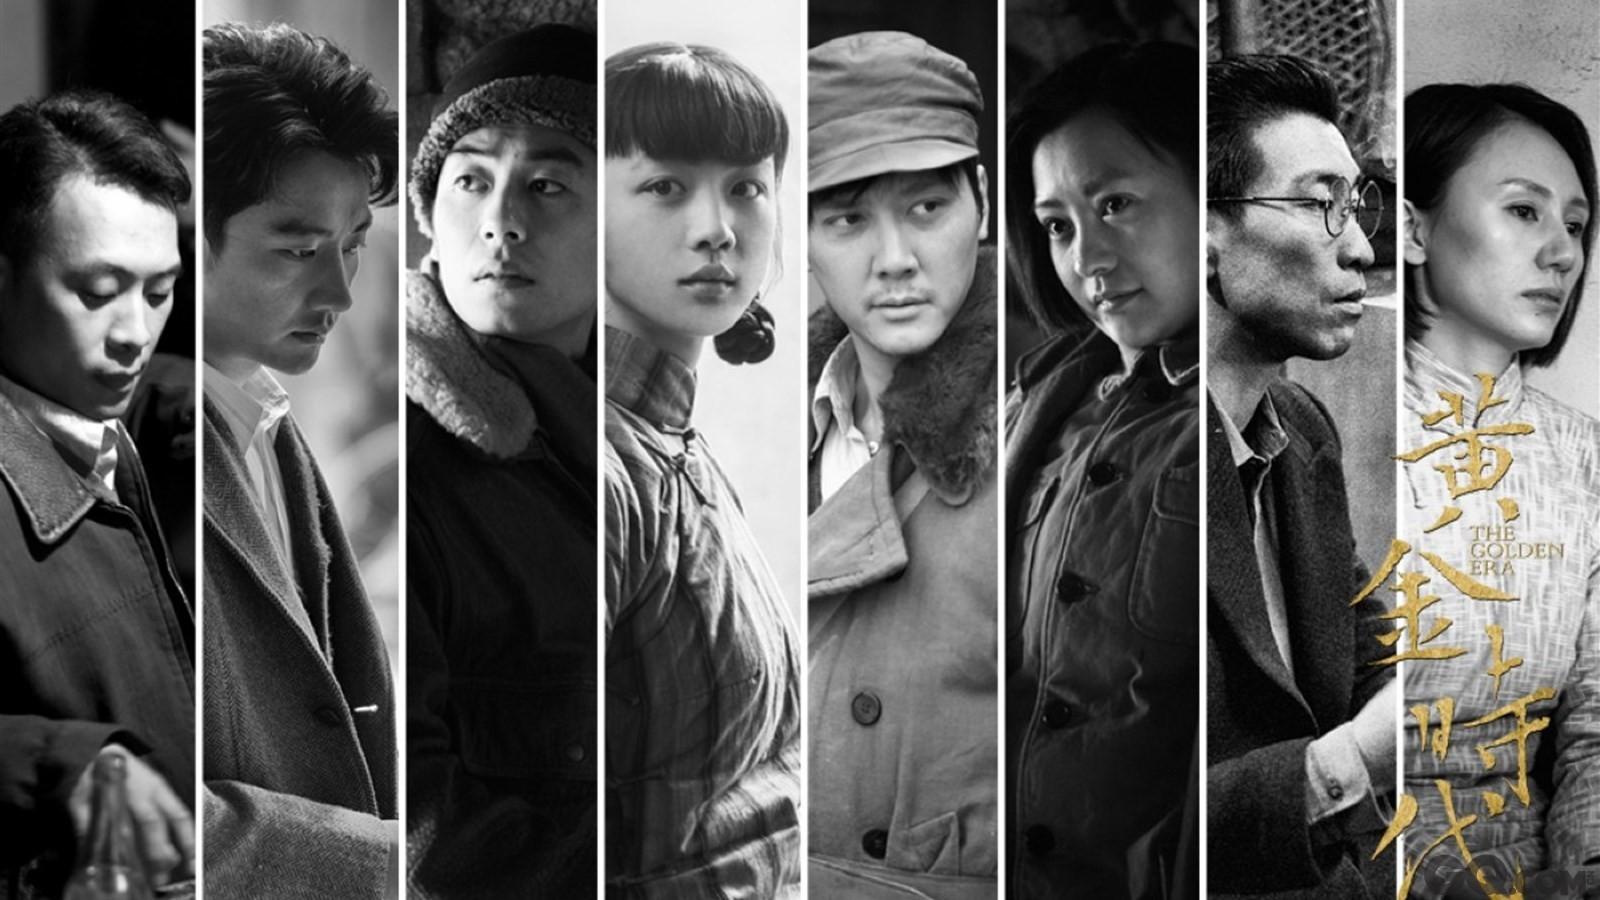 """凭借合拍片《黄金时代》第五次获得香港电影金像奖最佳导演奖的许鞍华表示,香港有很多优秀的新导演,自己的下一部作品不会再像《黄金时代》一样""""大制作"""",而是希望合拍一些""""香港题材""""的电影——这或许是""""港味电影""""发展的另一种方式。"""